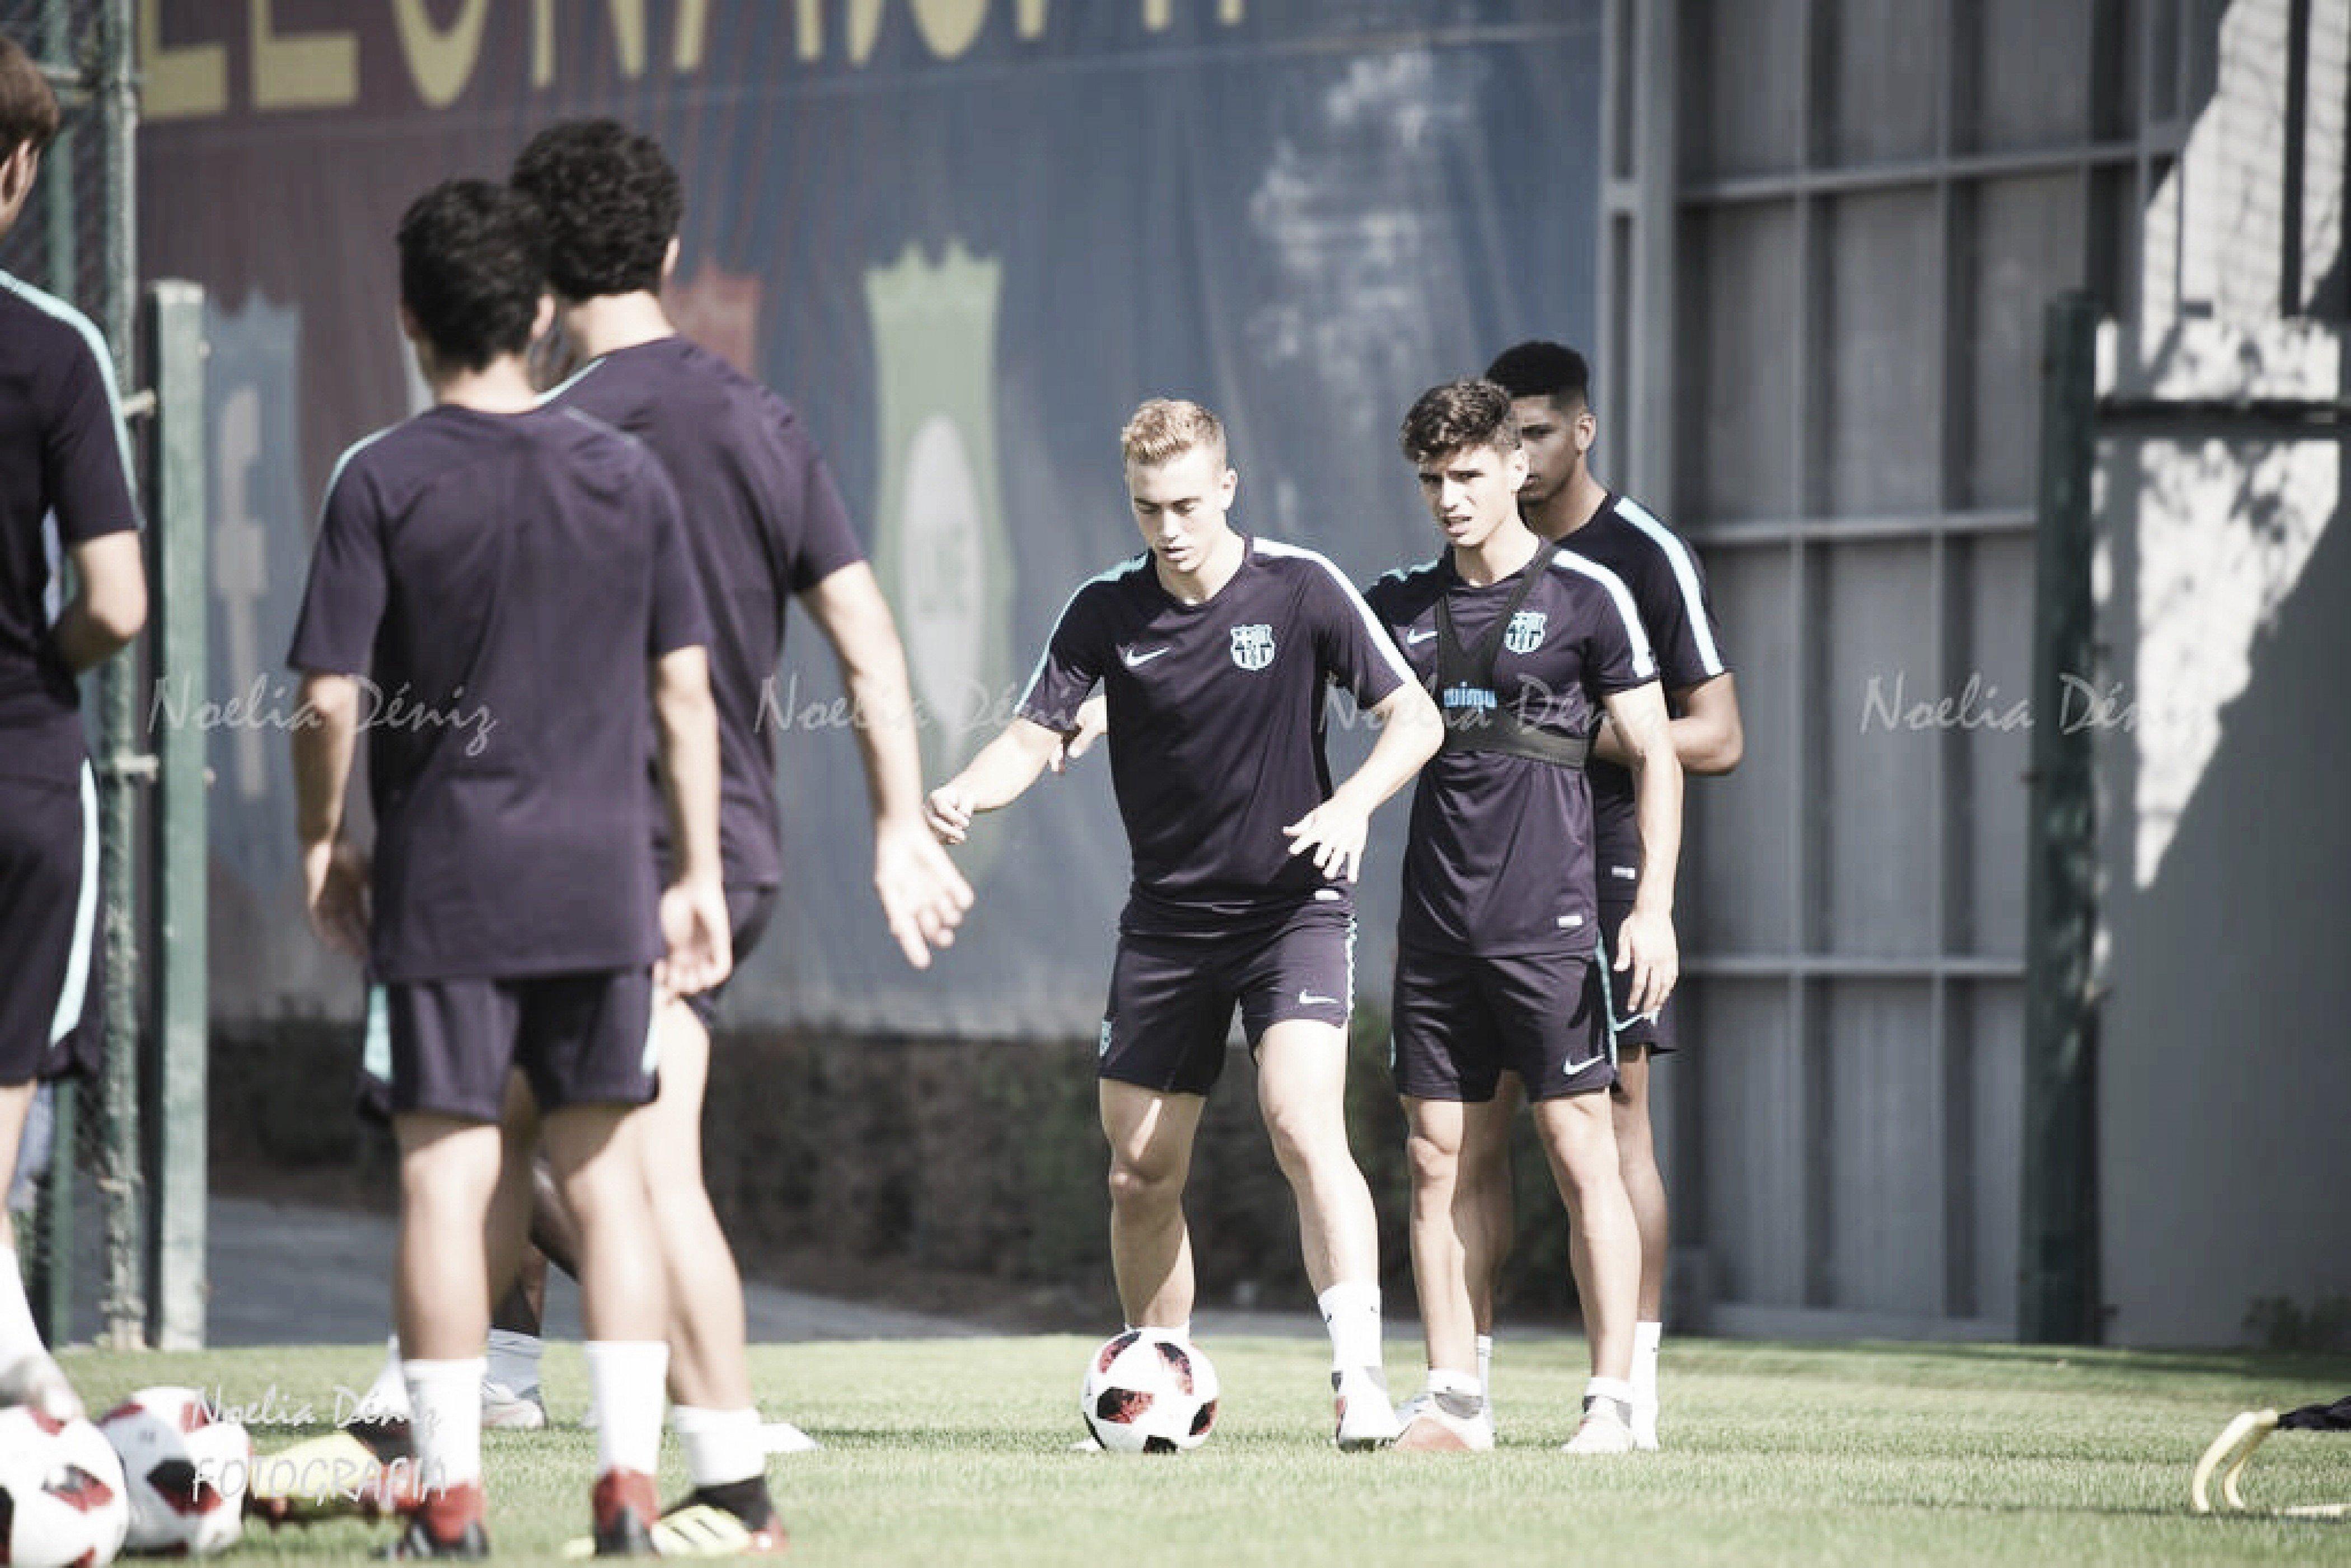 Fotos e imágenes del entrenamiento previo a disputar el partido contra elCentre d'Esports Sabadell Futbol Club